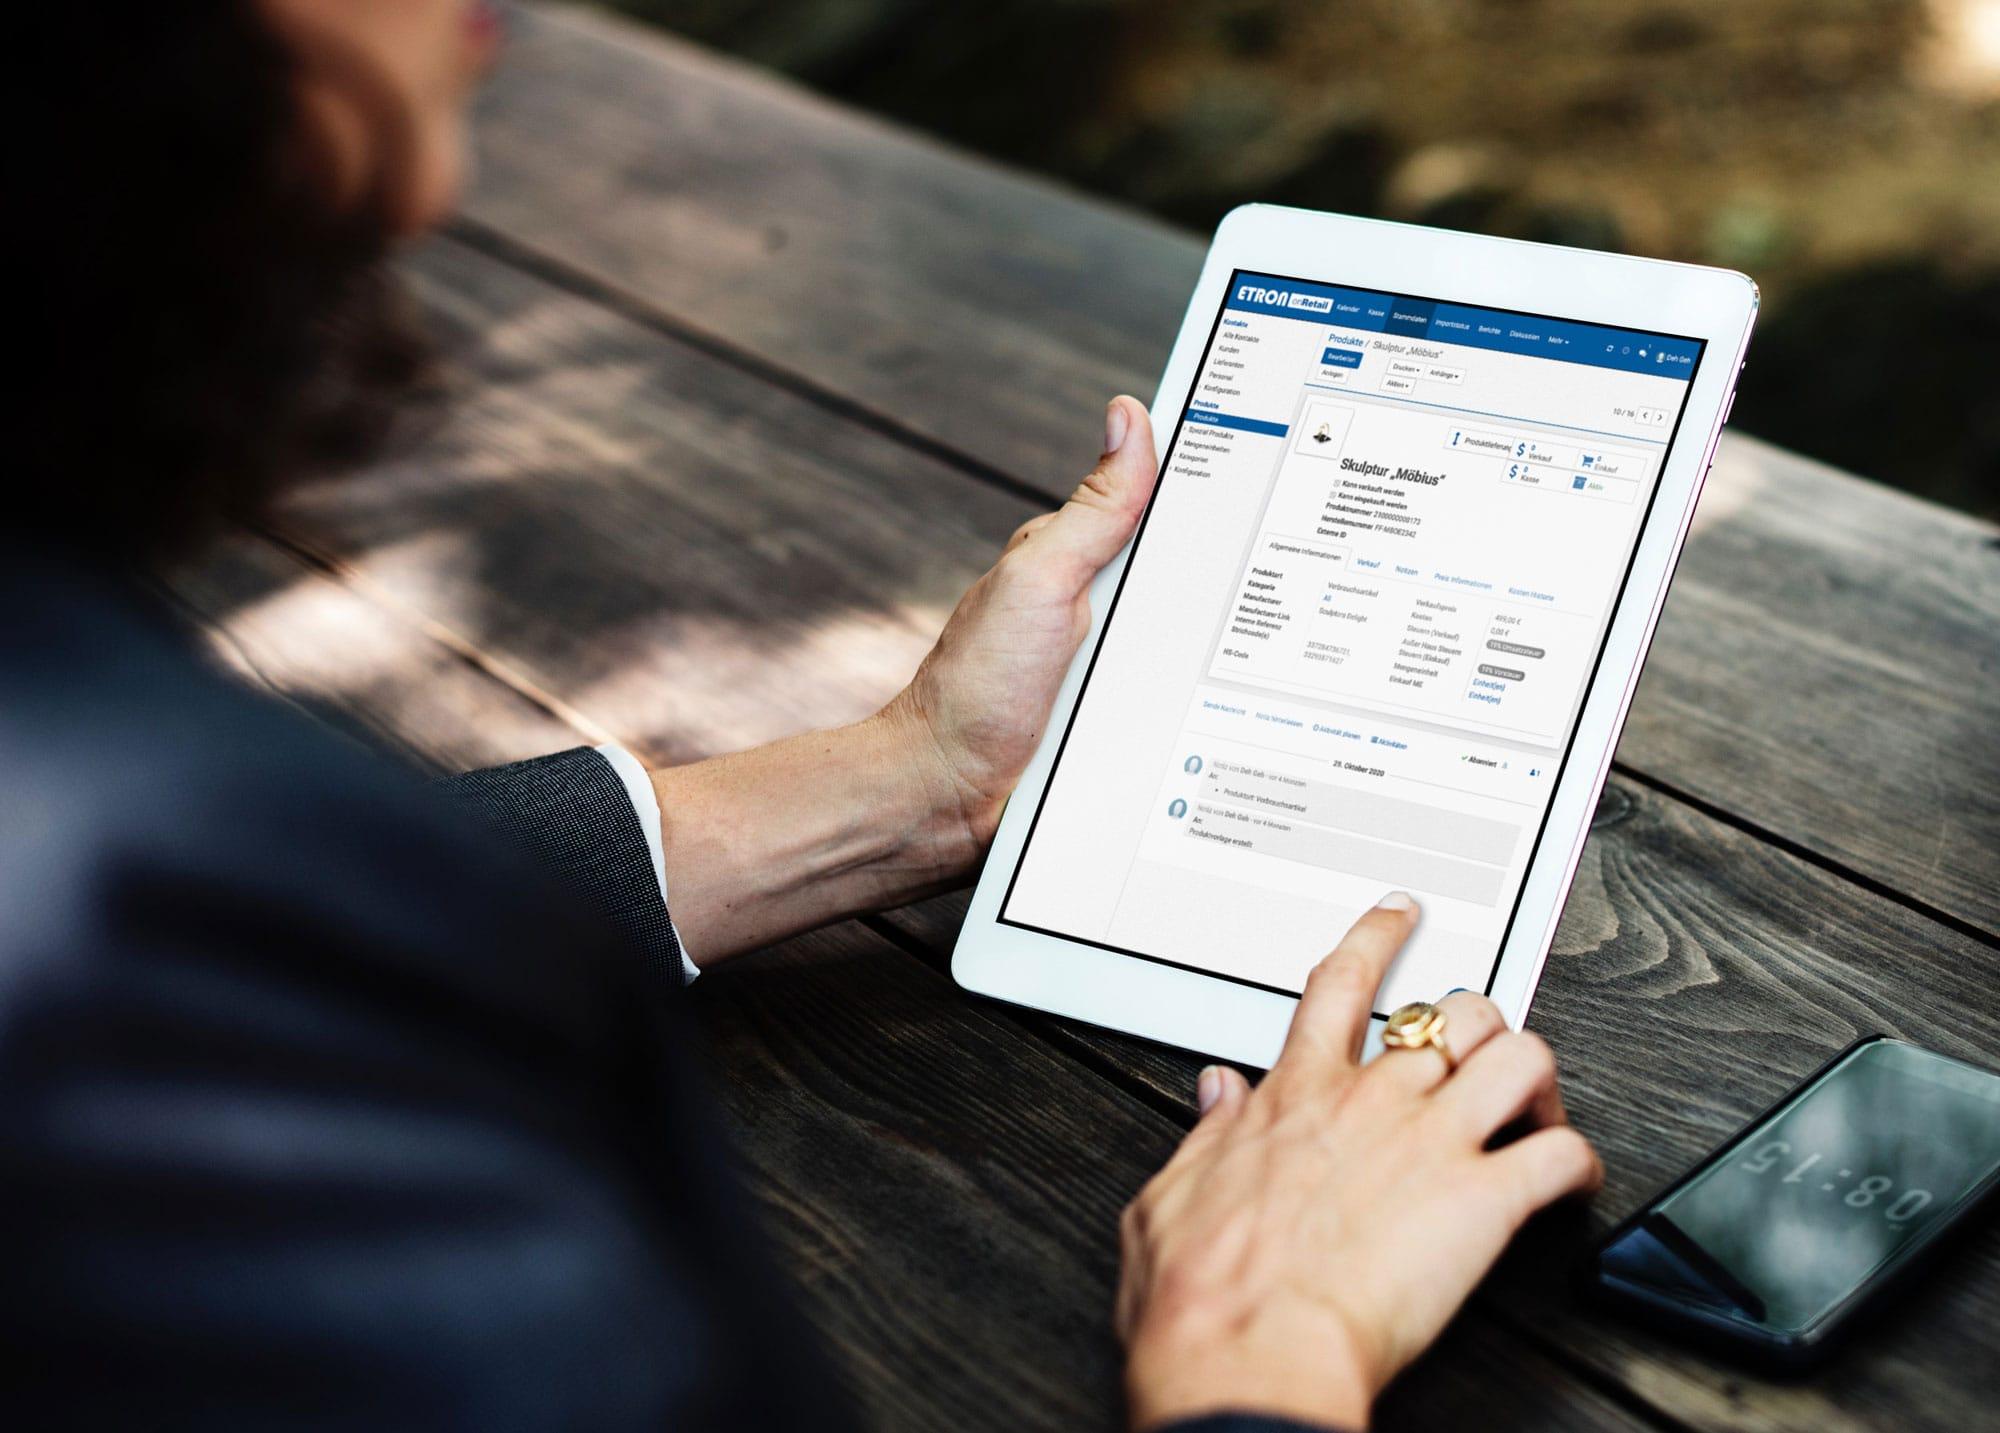 ETRON onRetail Registrierkasse, Warenwirtschaft, CRM, Webshop und mehr – das sind die Kernfunktionen von onRetail!